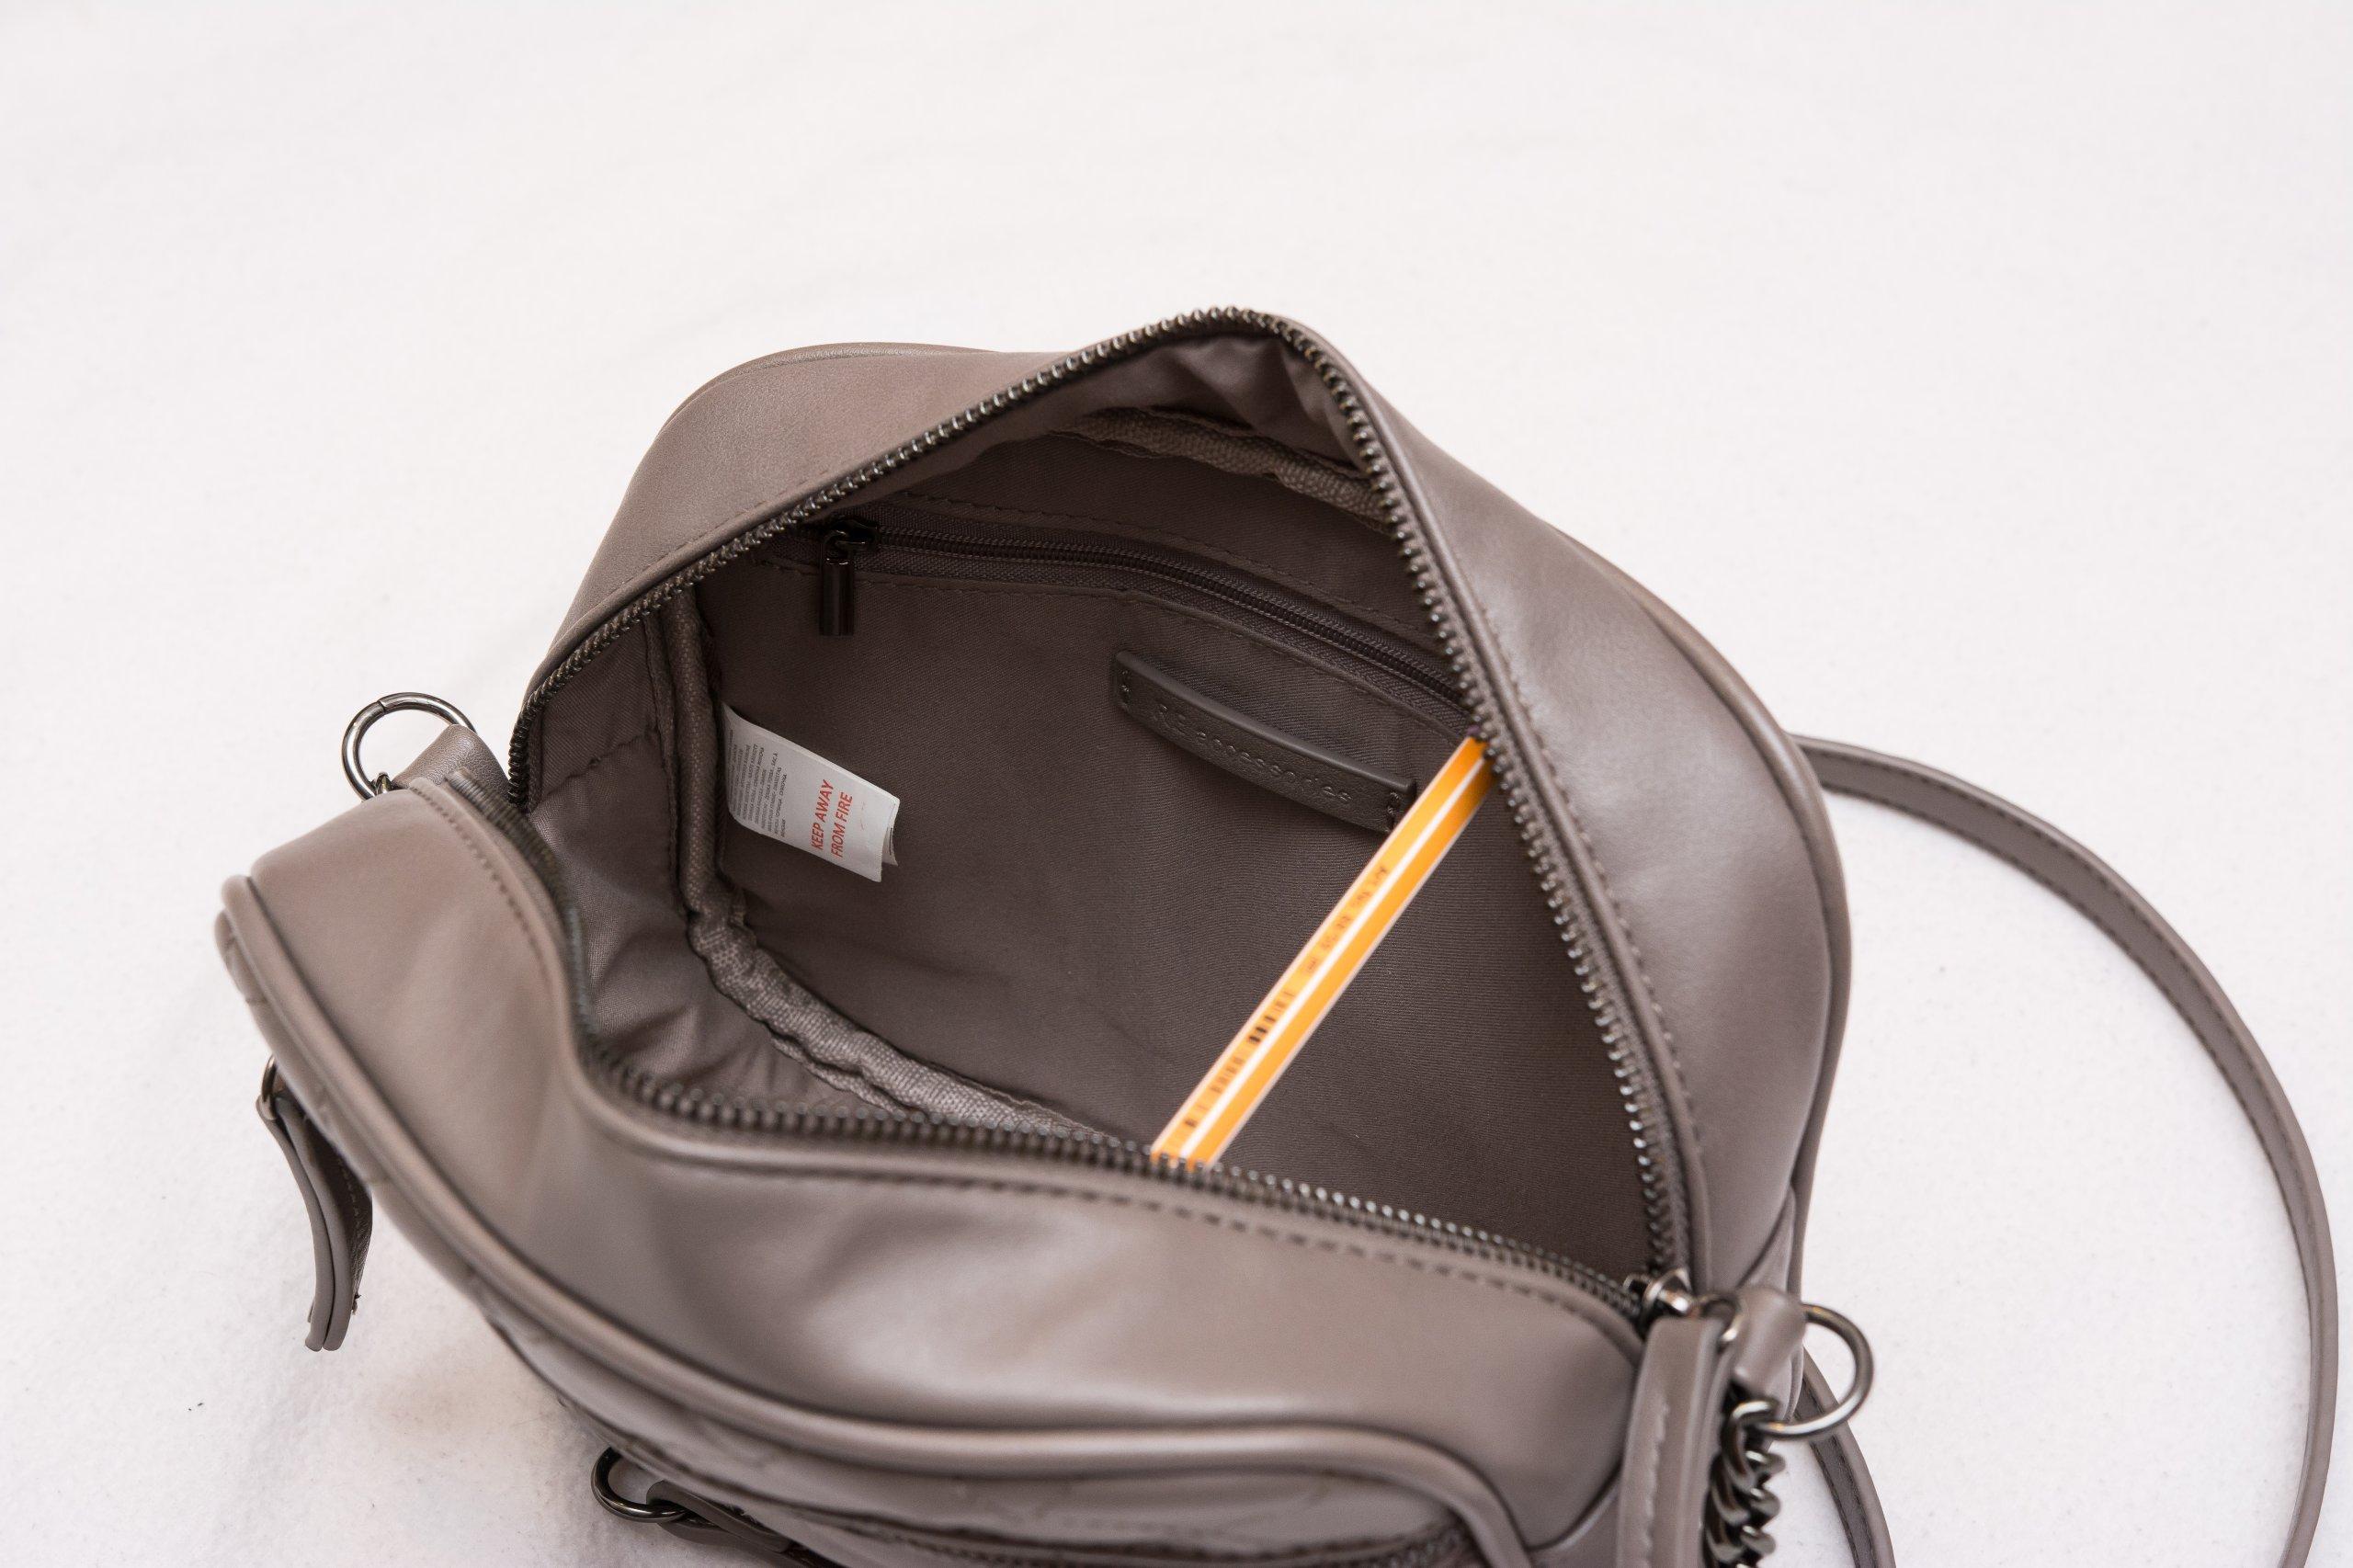 6b7ad93a16826 Mała pikowana torebka RESERVED z łańcuszkiem szara - 7145887699 ...